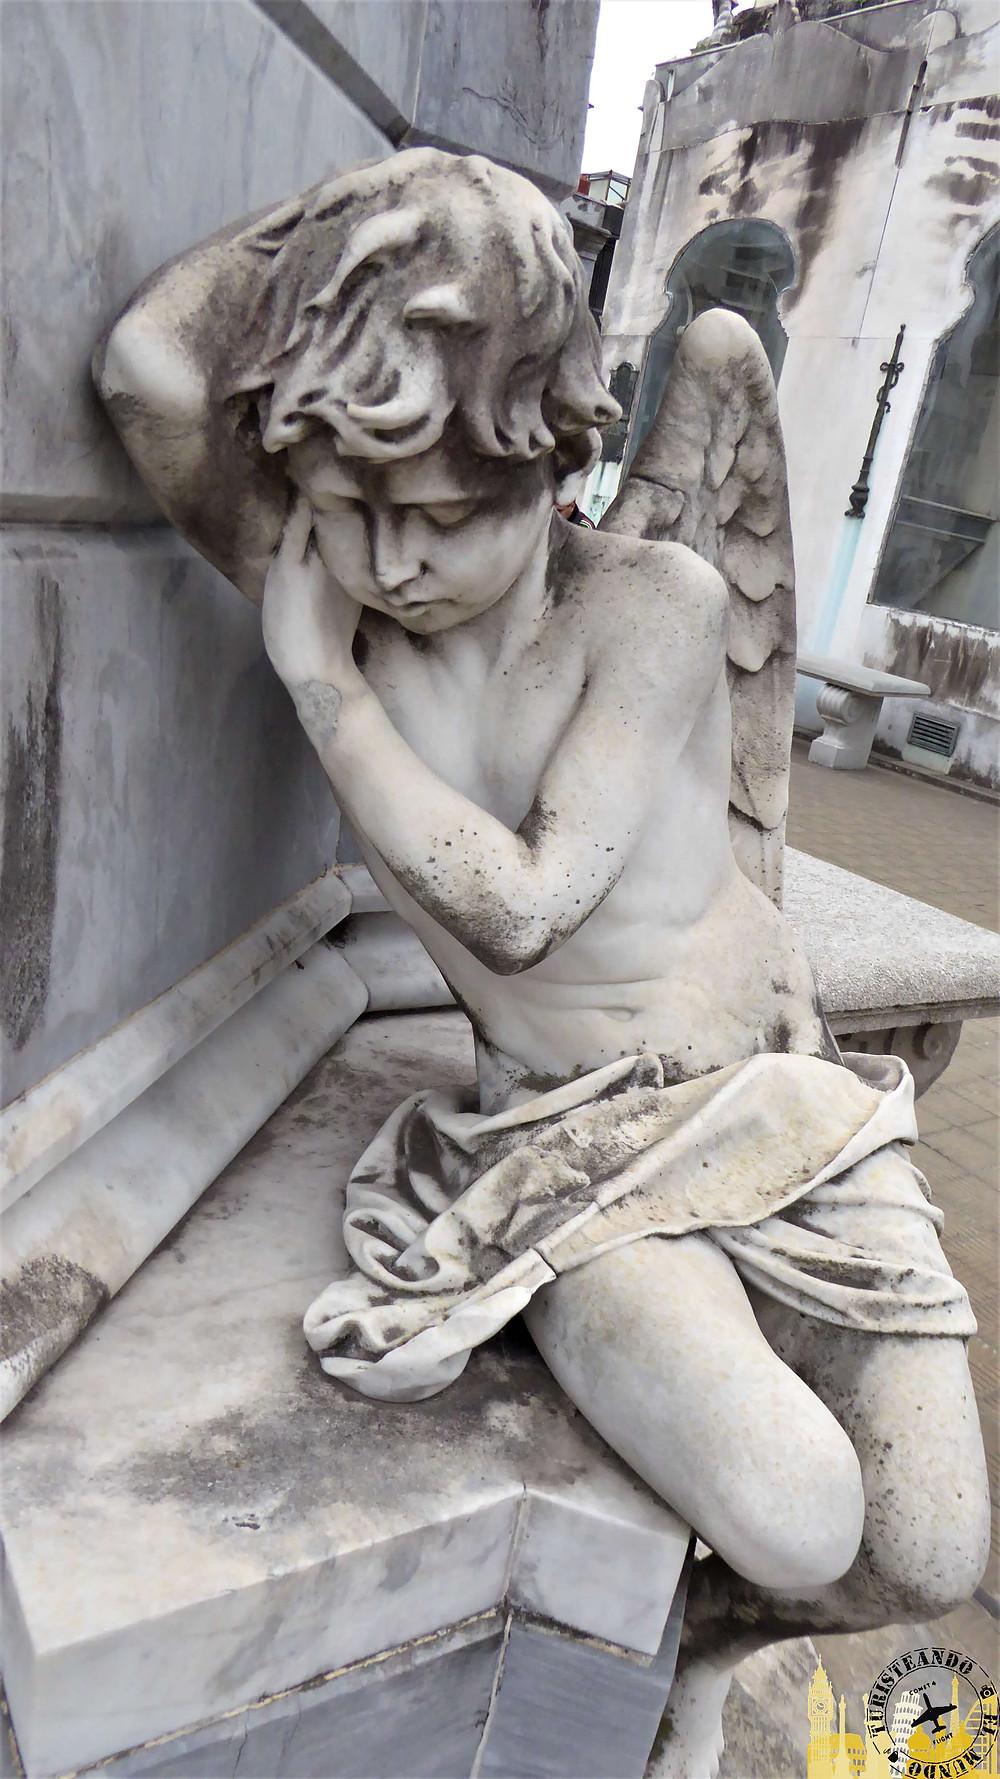 Cementerio de la Recoleta. Buenos Aires (Argentina)